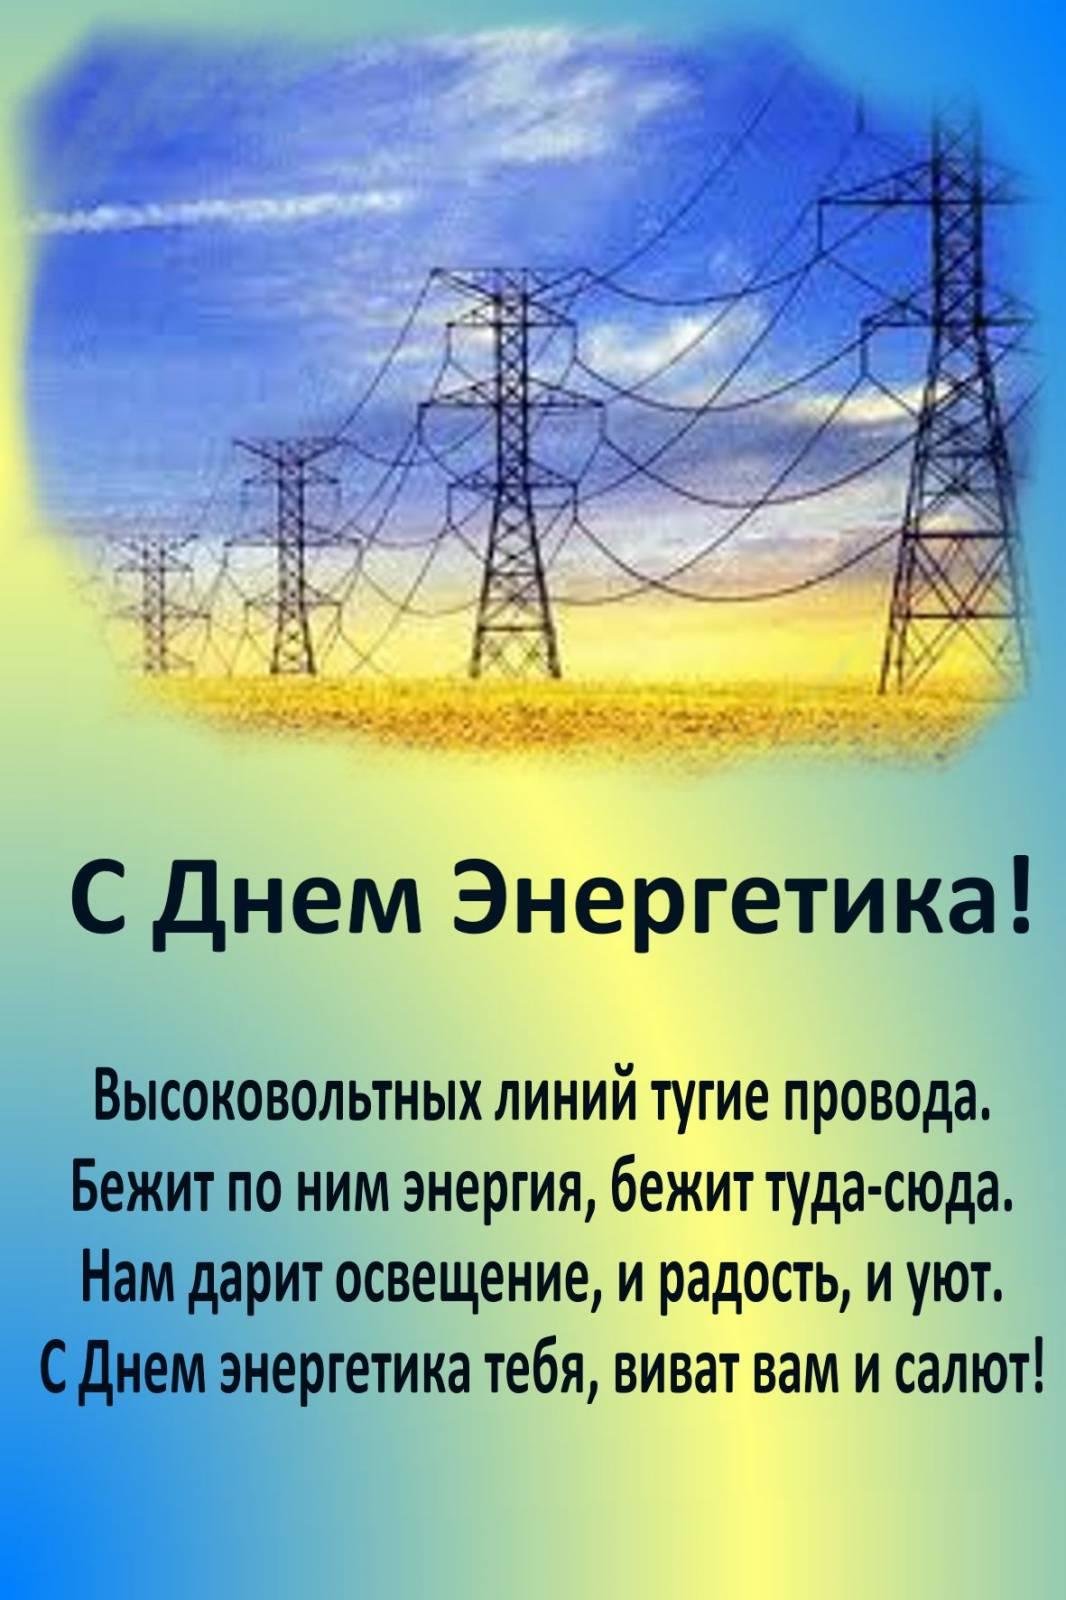 Поздравление с праздником энергетики